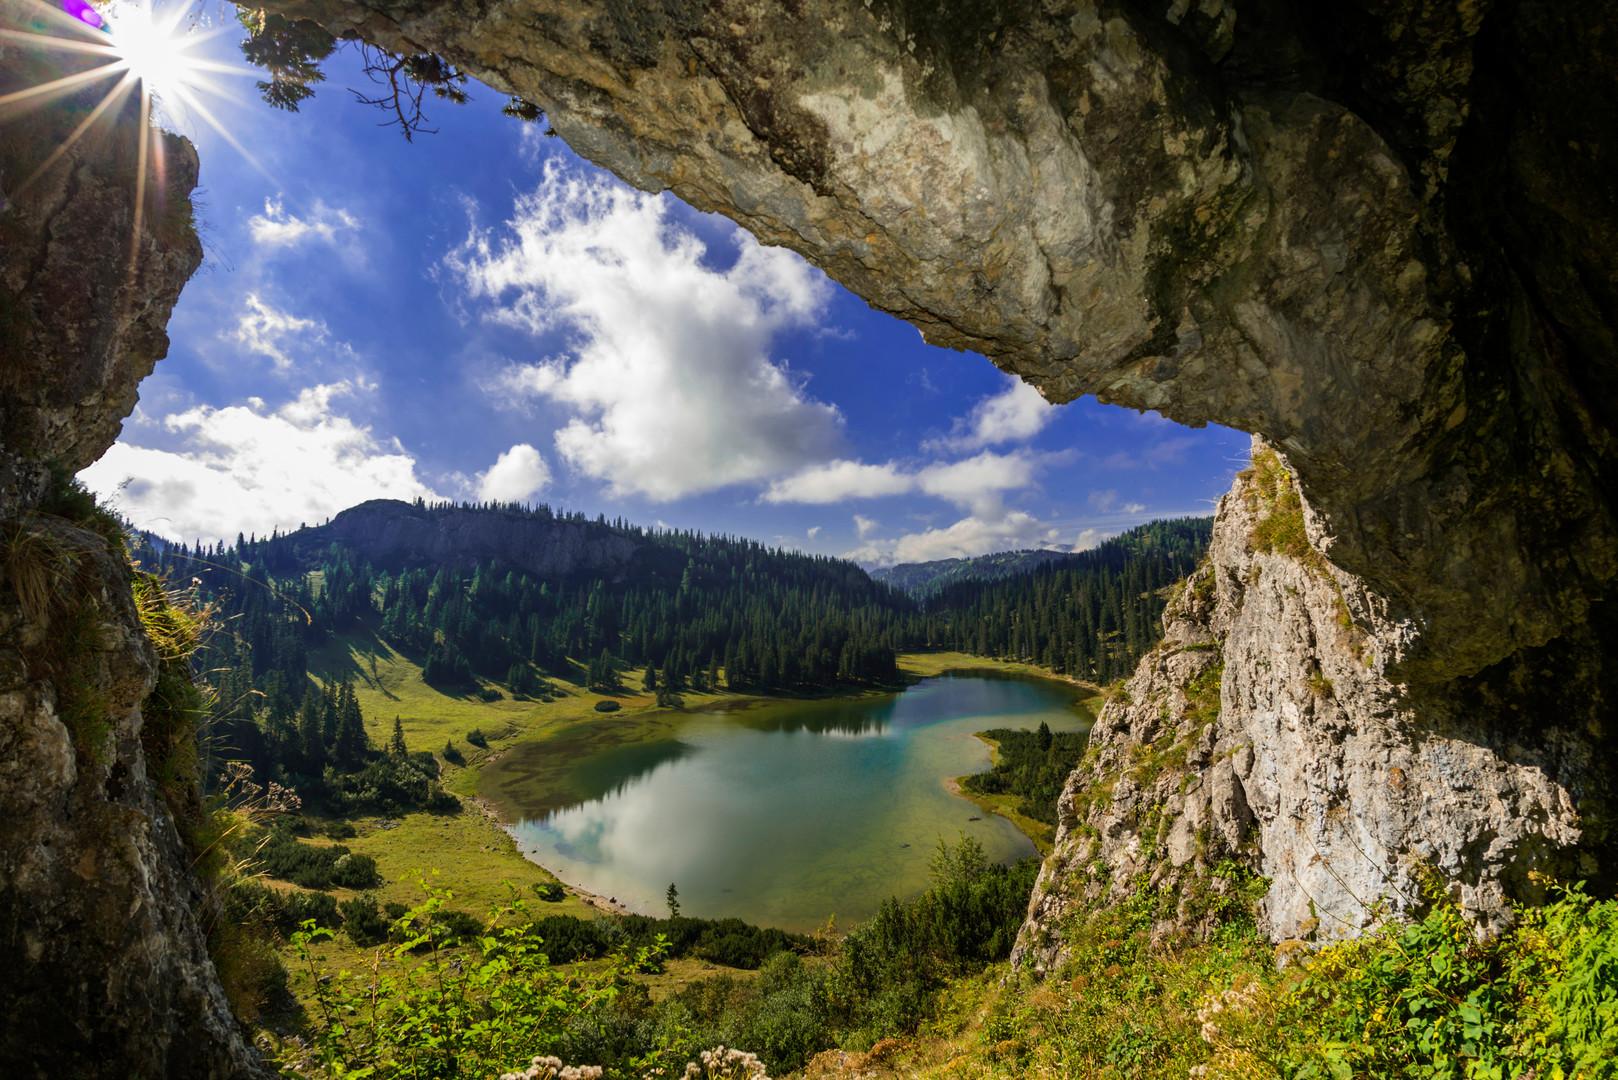 Stájerország tavakban is bővelkedik Forrás: (c) Steiermark Tourismus_Weber Berger